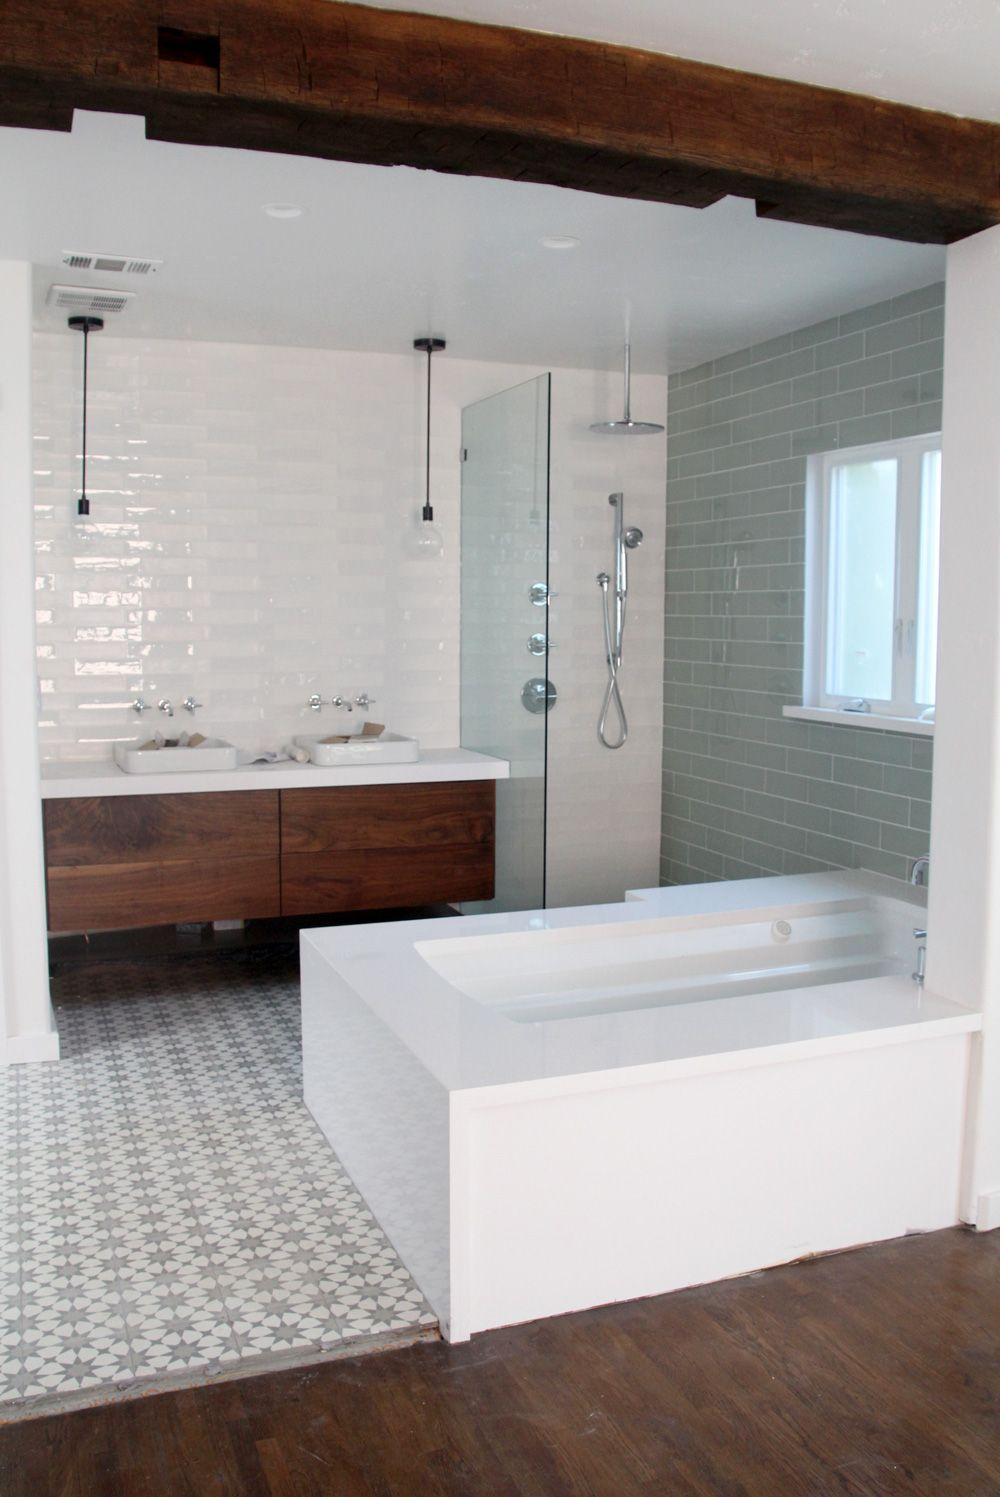 Master Bedroom & Bathroom Remodel: Week 26 - Pepper Design Blog ...